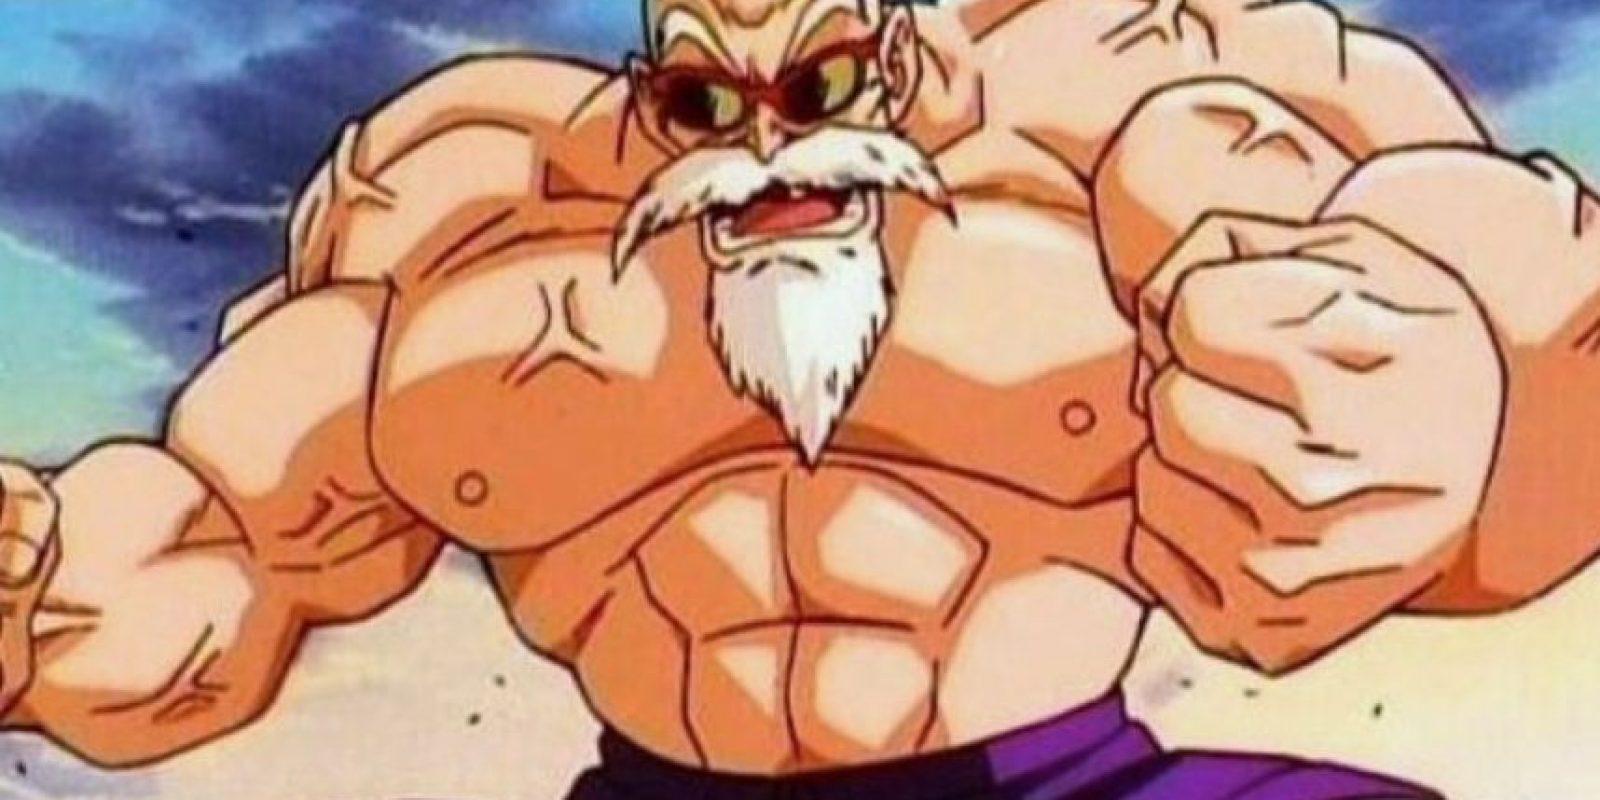 El maestro Roshi al comienzo de Dragon Ball Z tiene 354 años Foto:Toei